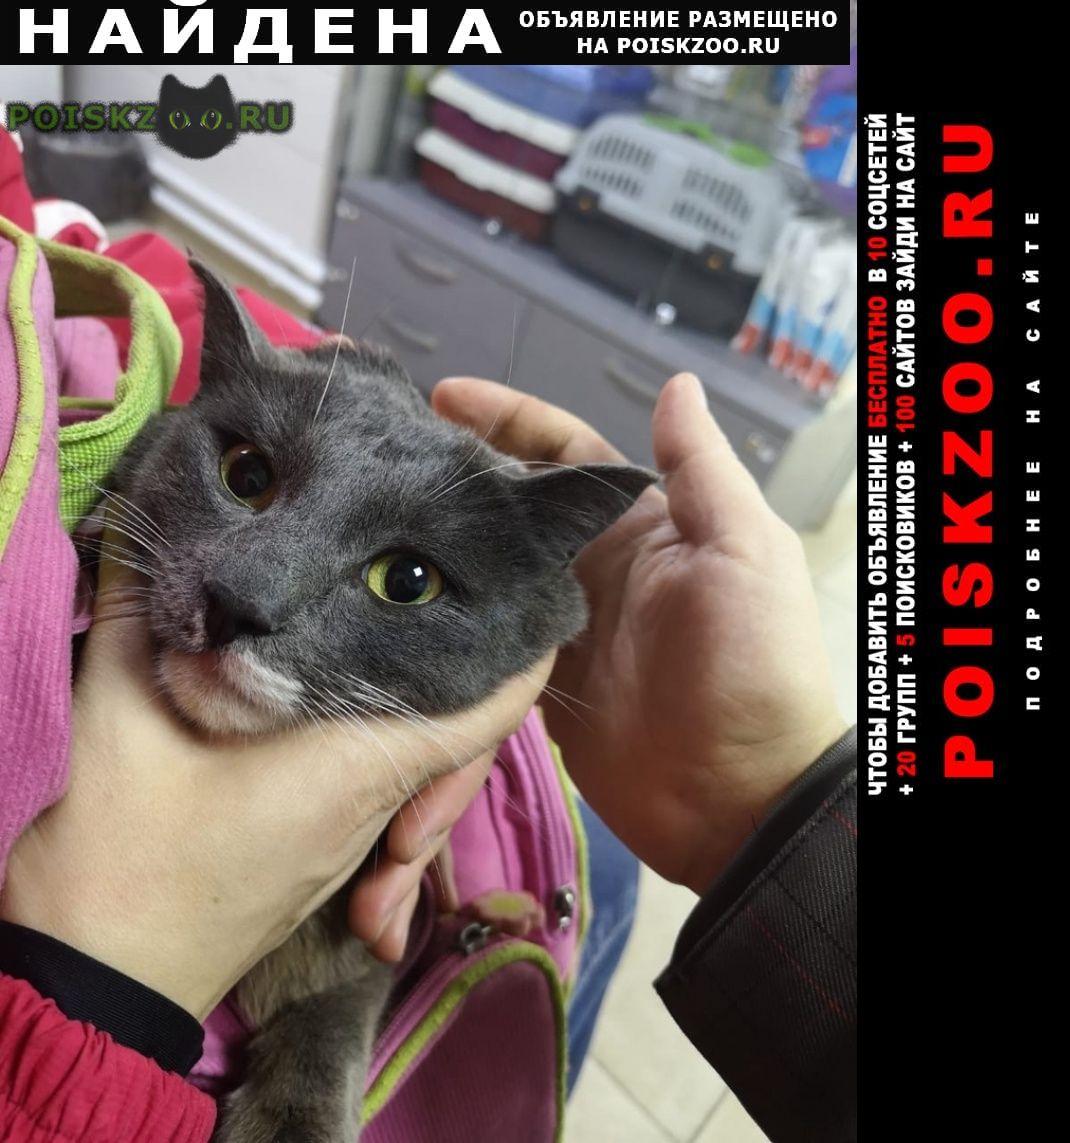 Найден кот в районе досов г.Хабаровск